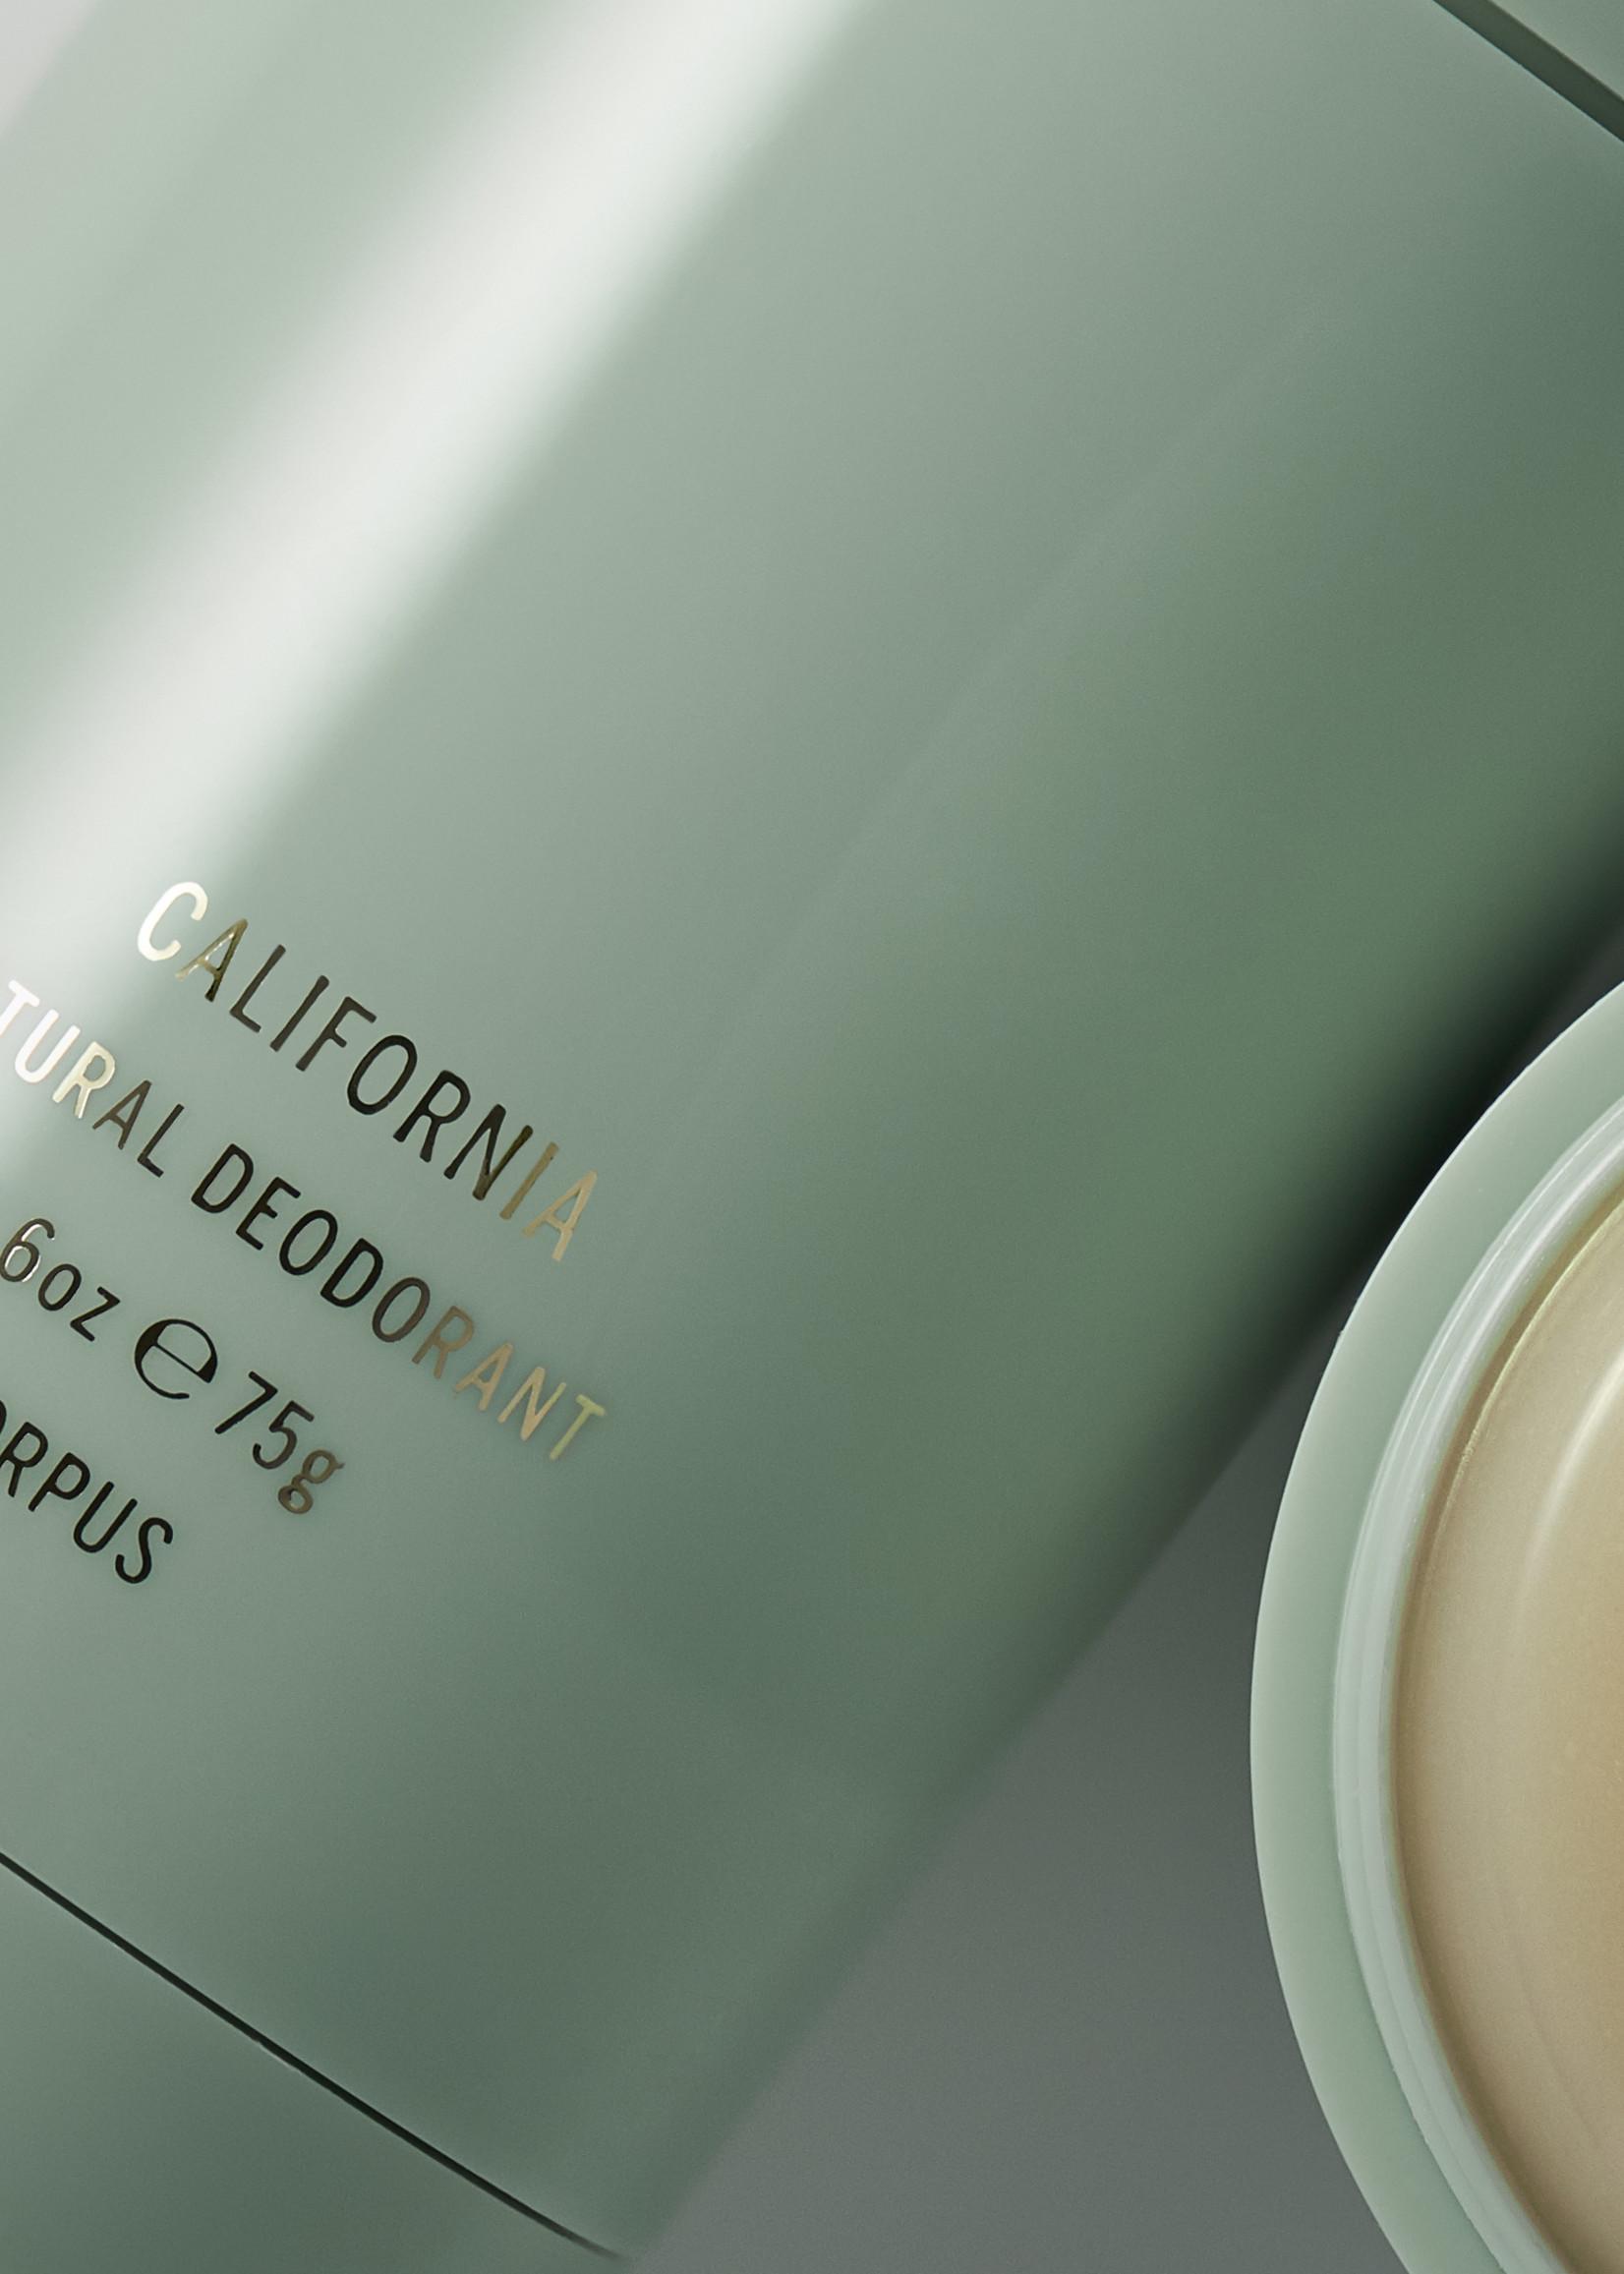 Corpus Natural Deodorant: California 2.6oz